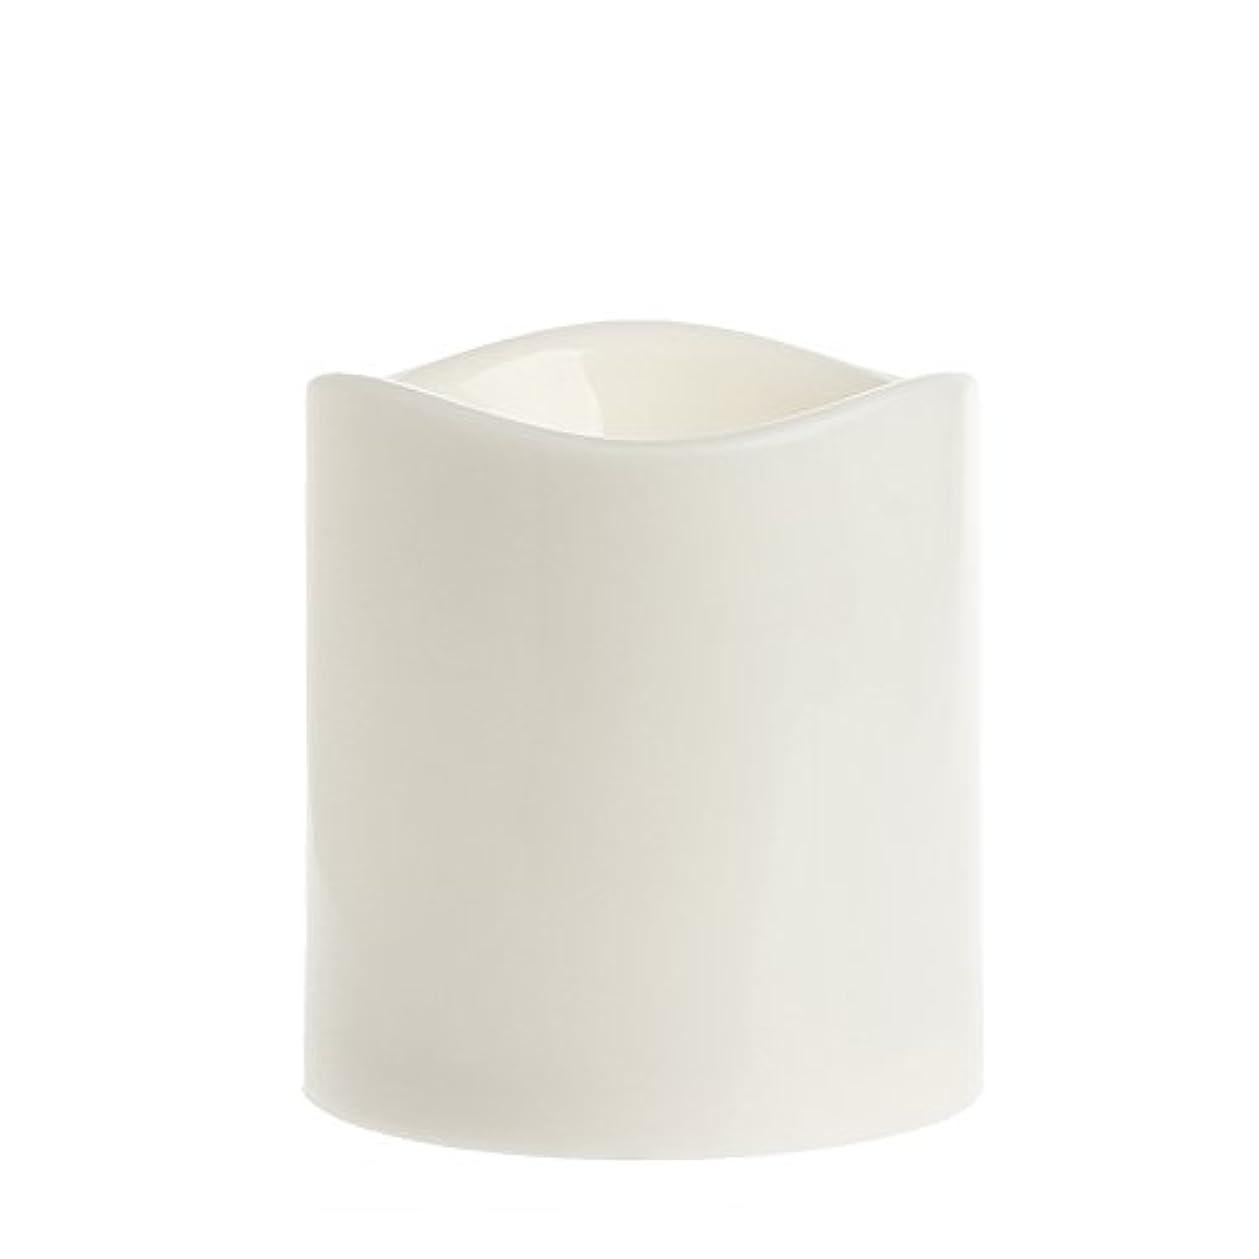 借りるパック分離するSimpleLifeロマンチックFlameless LED電子キャンドルライトウェディング香りワックスホームインテリア